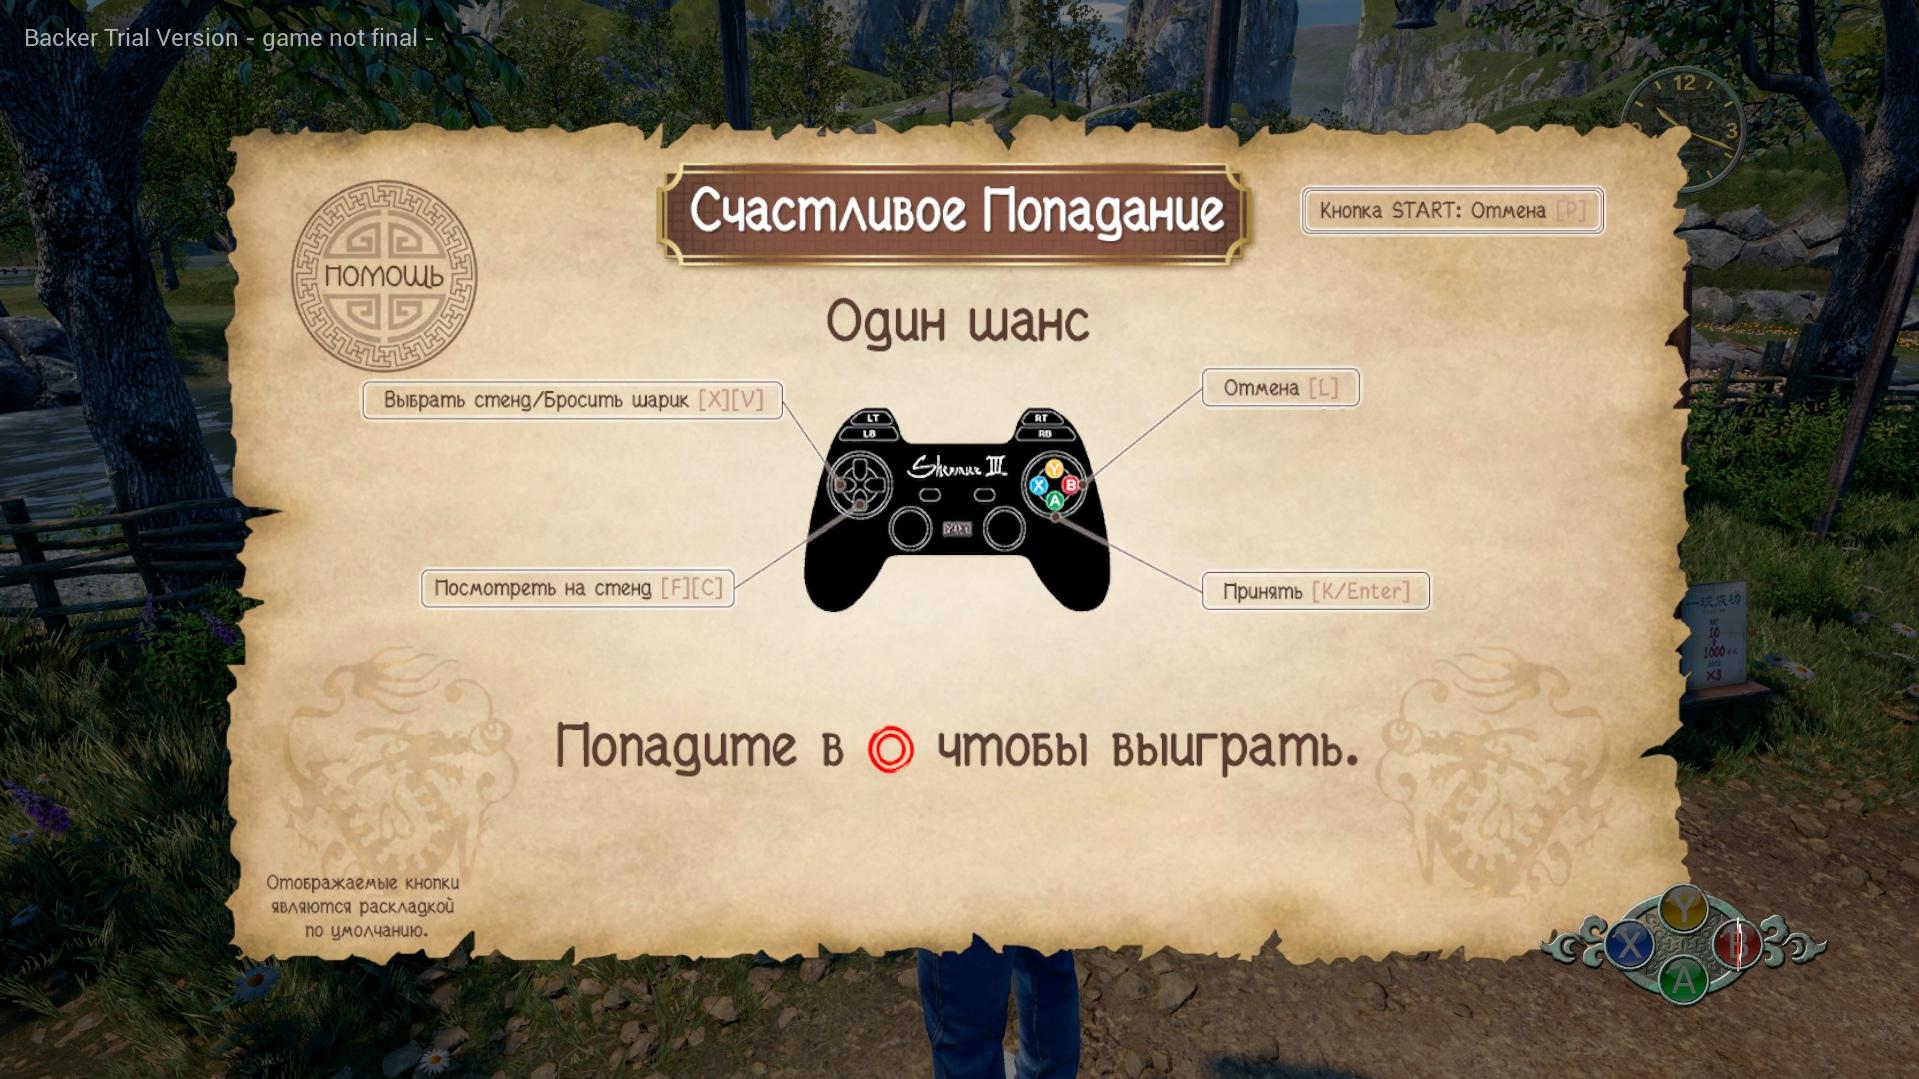 FPa5OIZByJ0.jpg